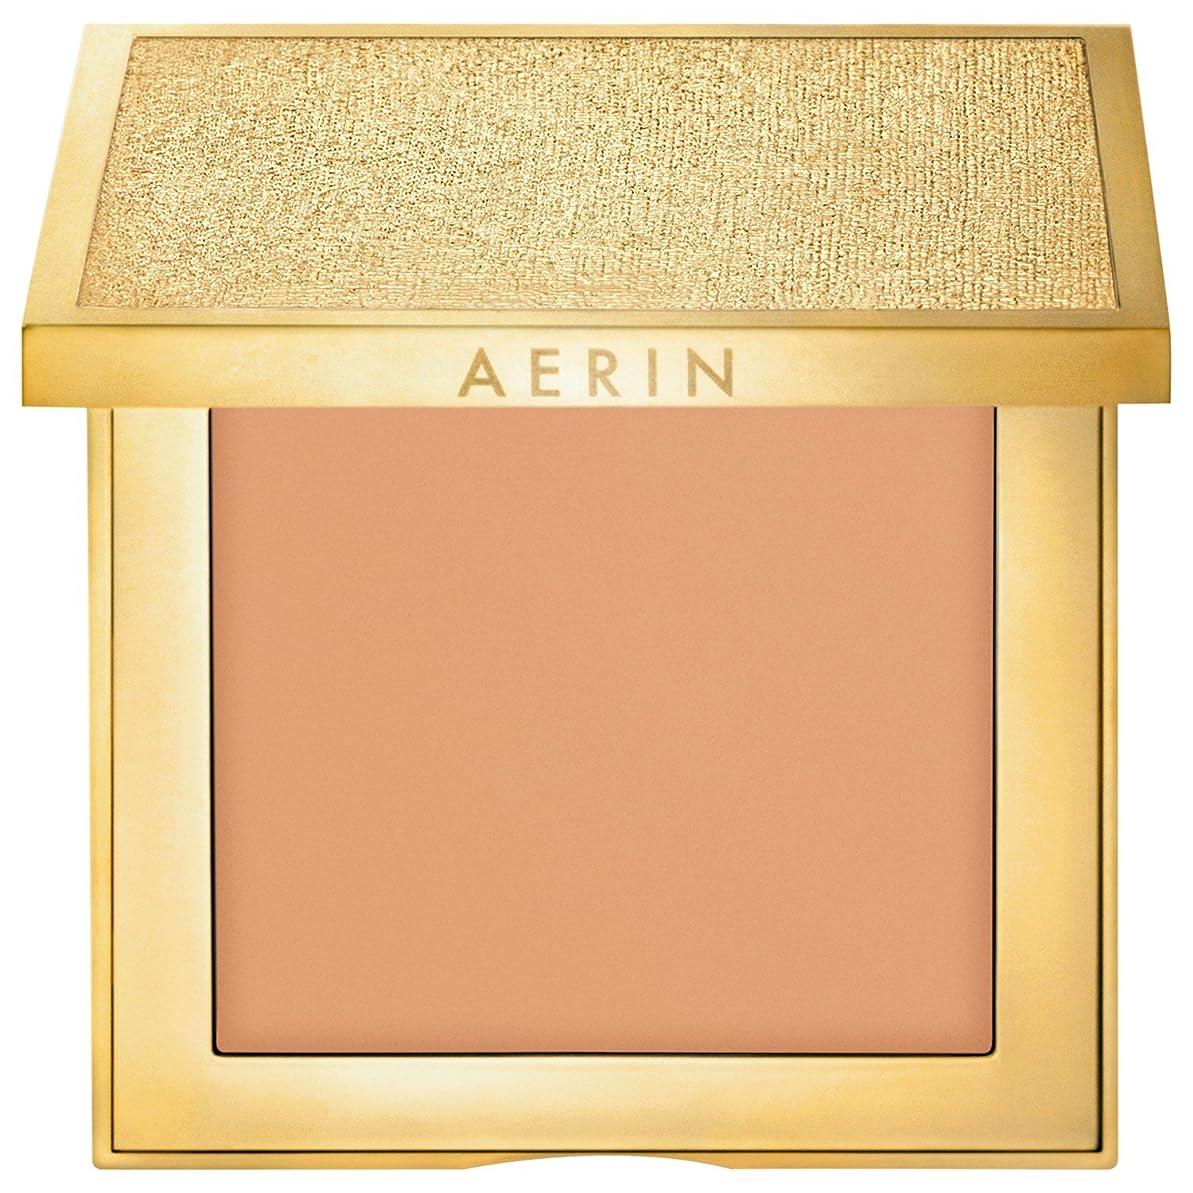 ケント文化寂しいAerin新鮮な肌コンパクトメイクアップレベル5 (AERIN) - AERIN Fresh Skin Compact Makeup Level 5 [並行輸入品]